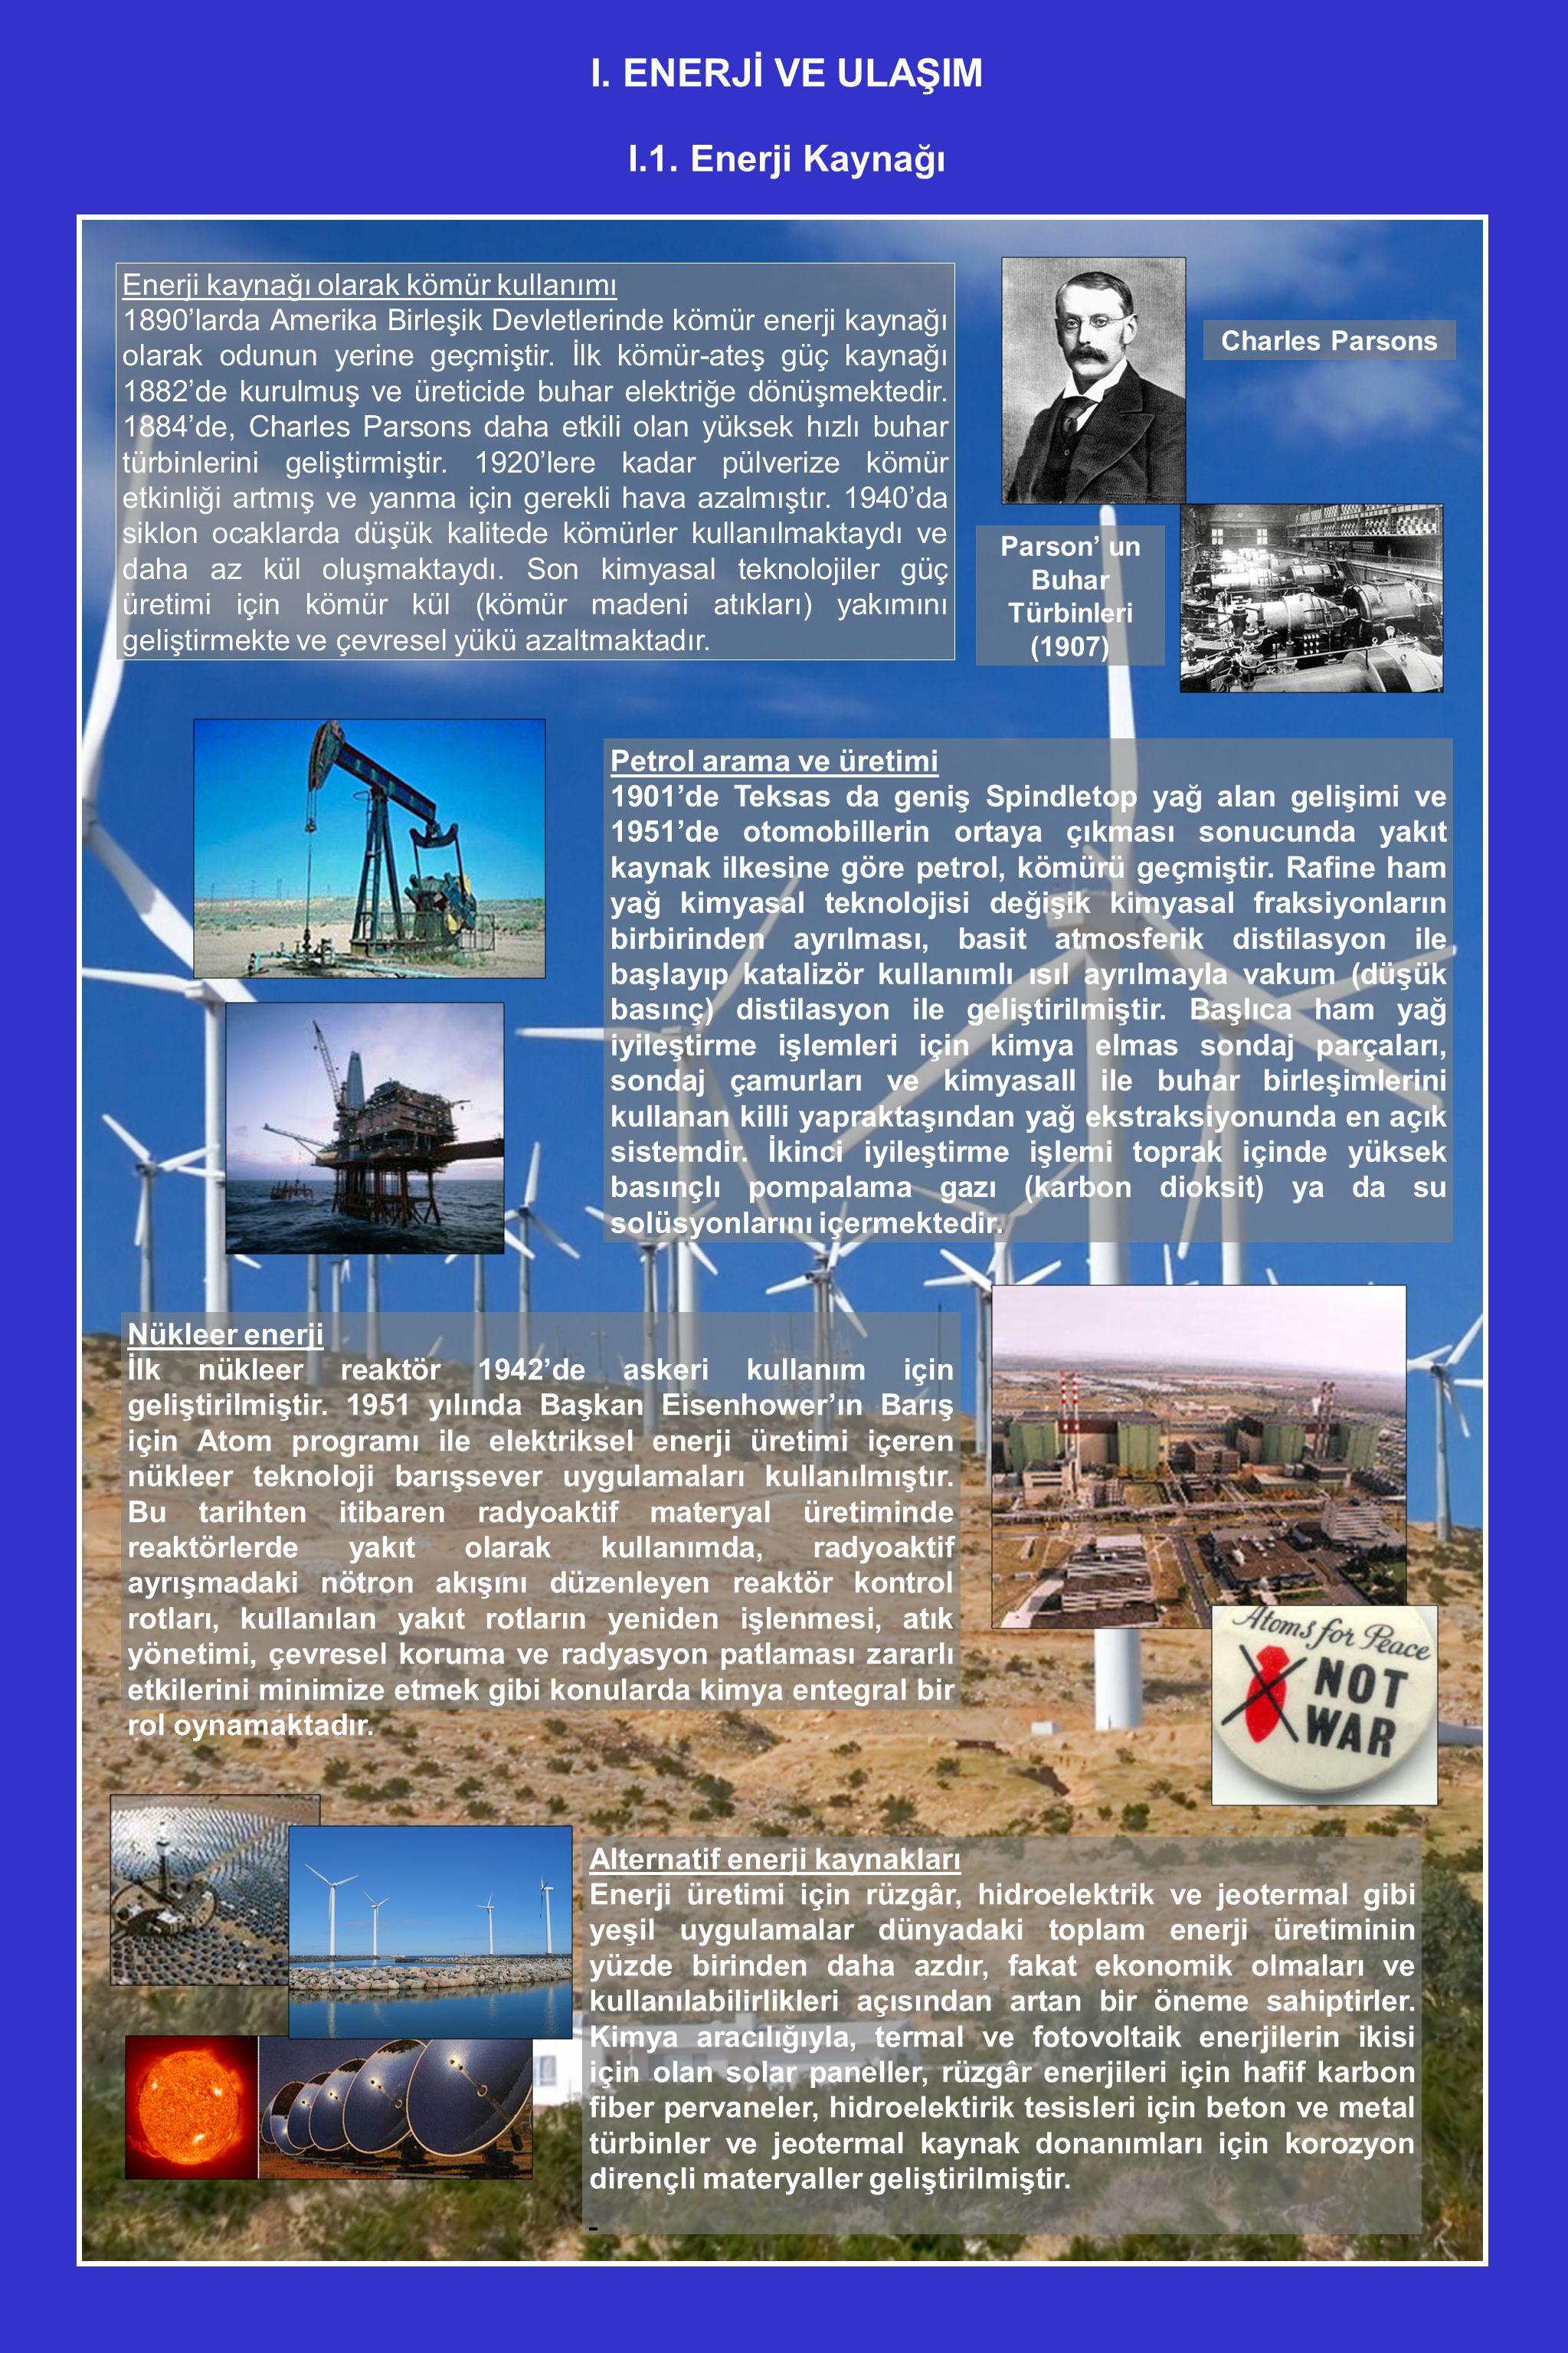 Enerji kaynağı olarak kömür kullanımı 1890'larda Amerika Birleşik Devletlerinde kömür enerji kaynağı olarak odunun yerine geçmiştir. İlk kömür-ateş gü